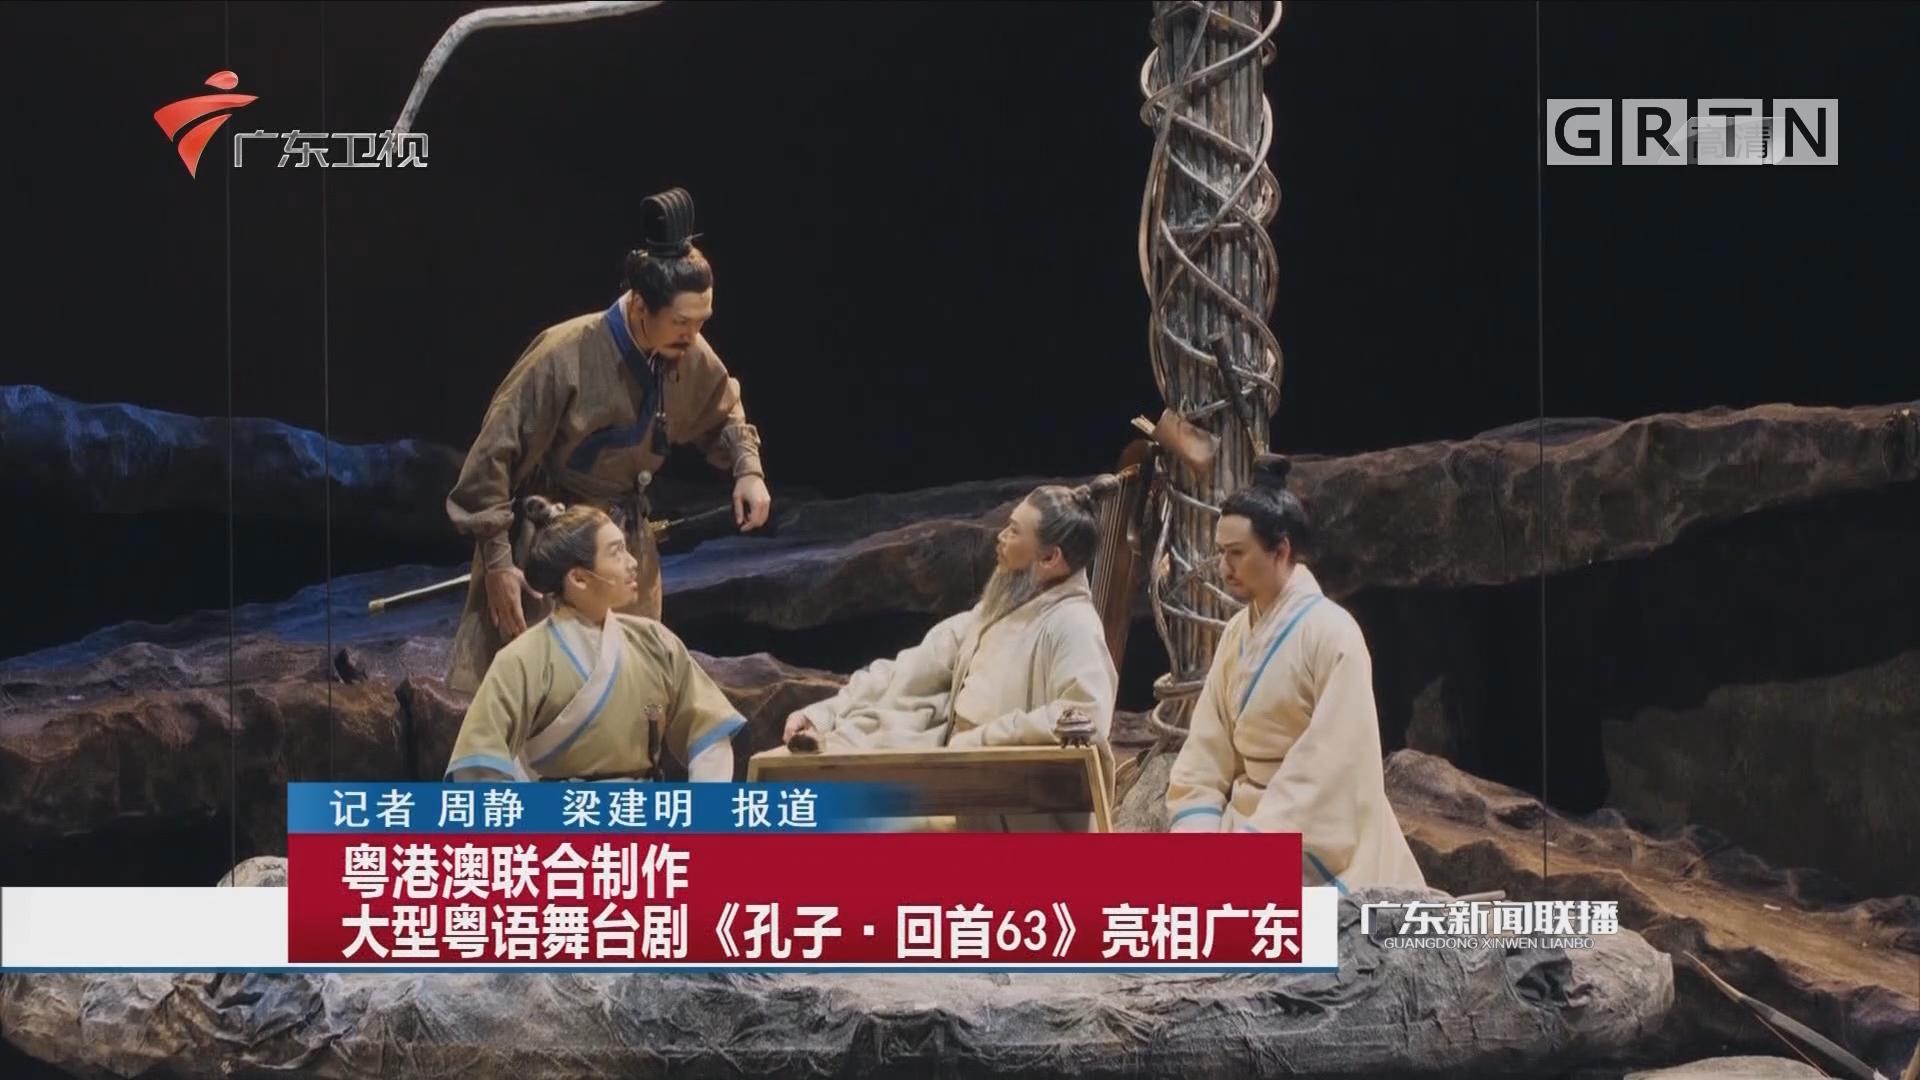 粤港澳联合制作 大型粤语舞台剧《孔子·回首63》亮相广东